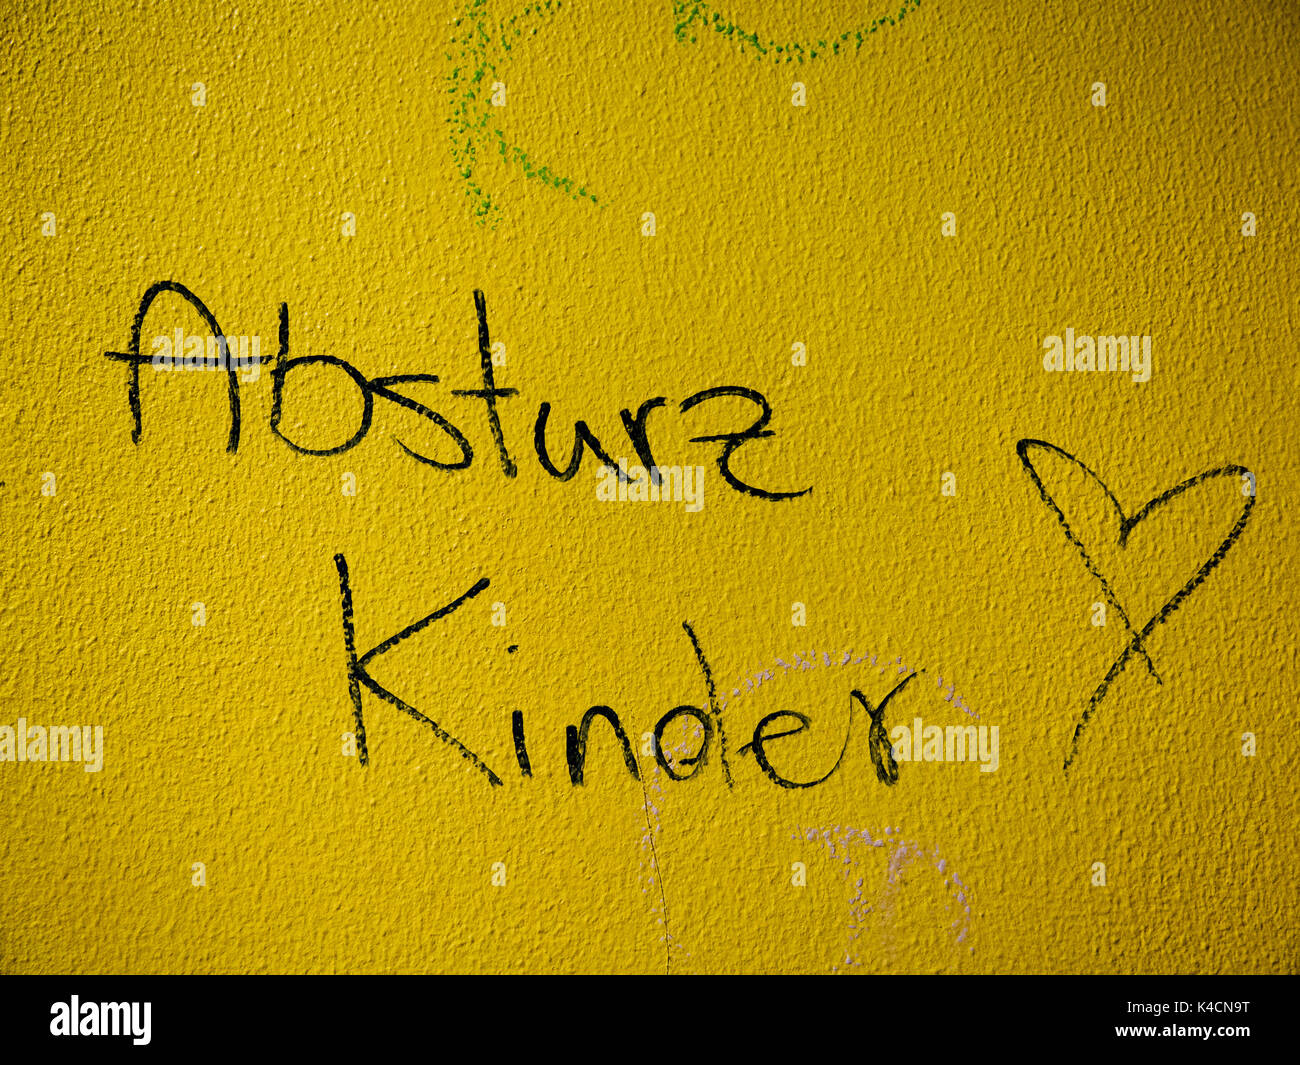 La culture des jeunes, la petite enfance, la société frontière Graffiti Photo Stock